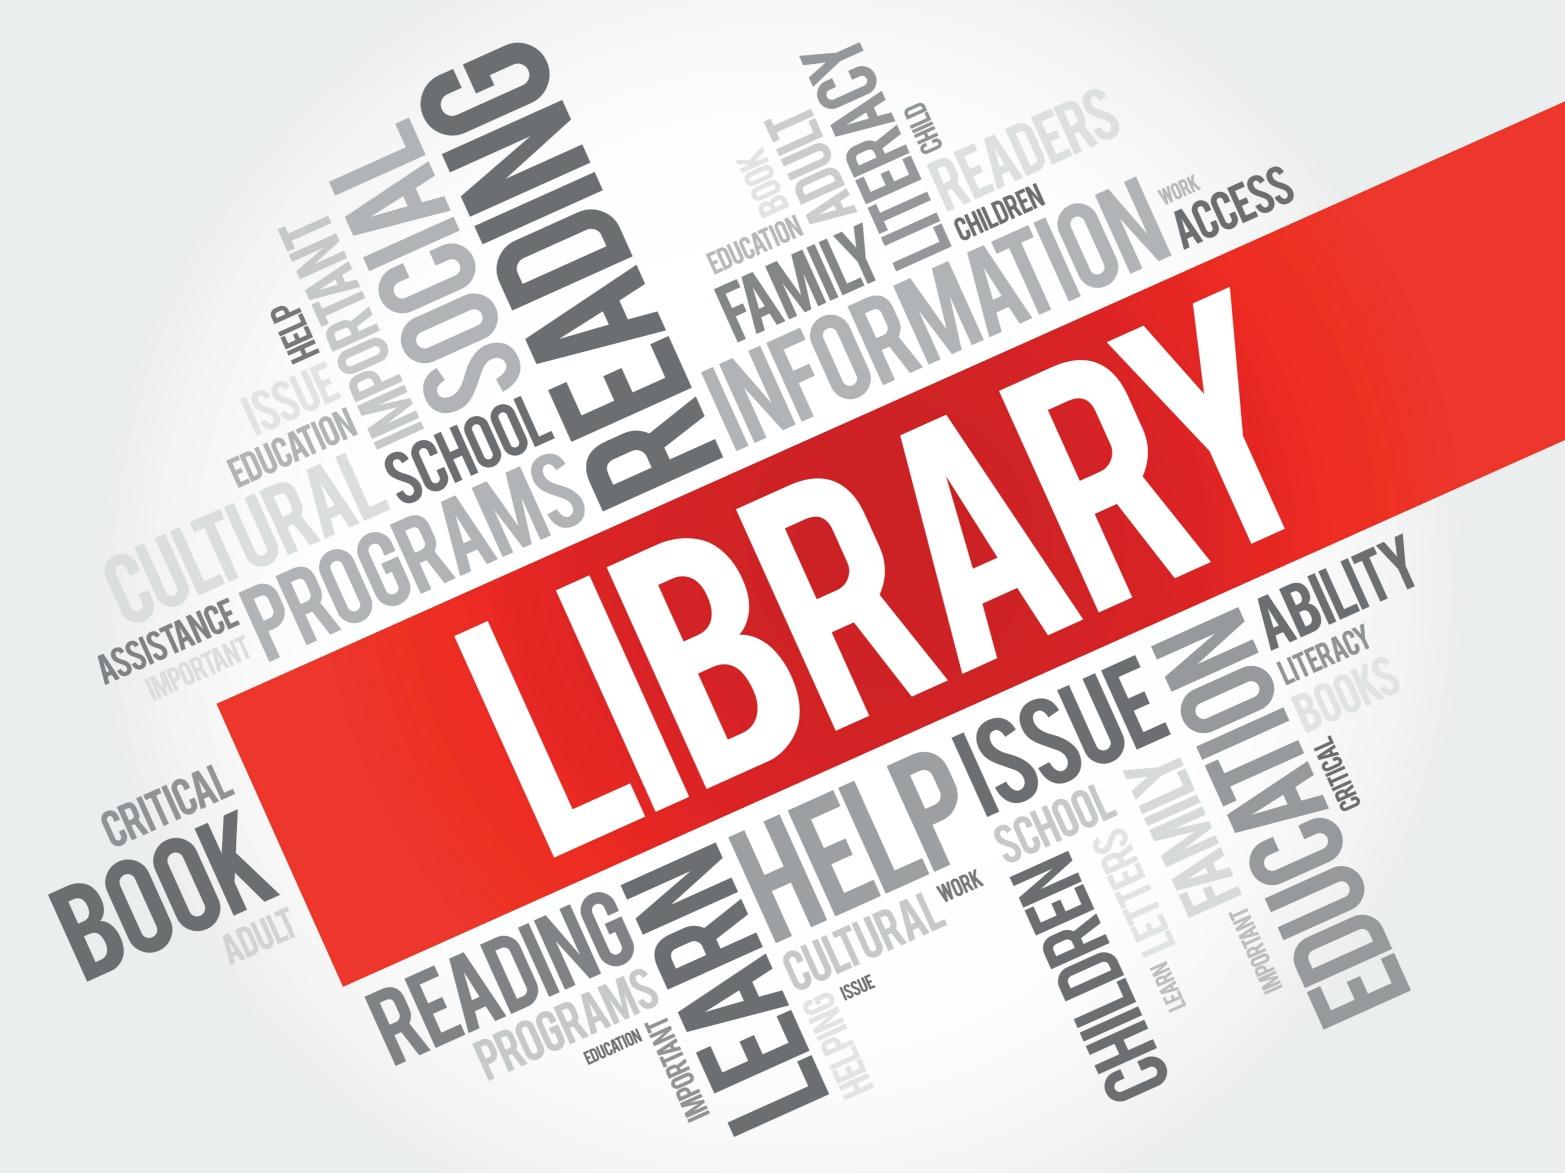 Ordmoln med bibliotek markerat.